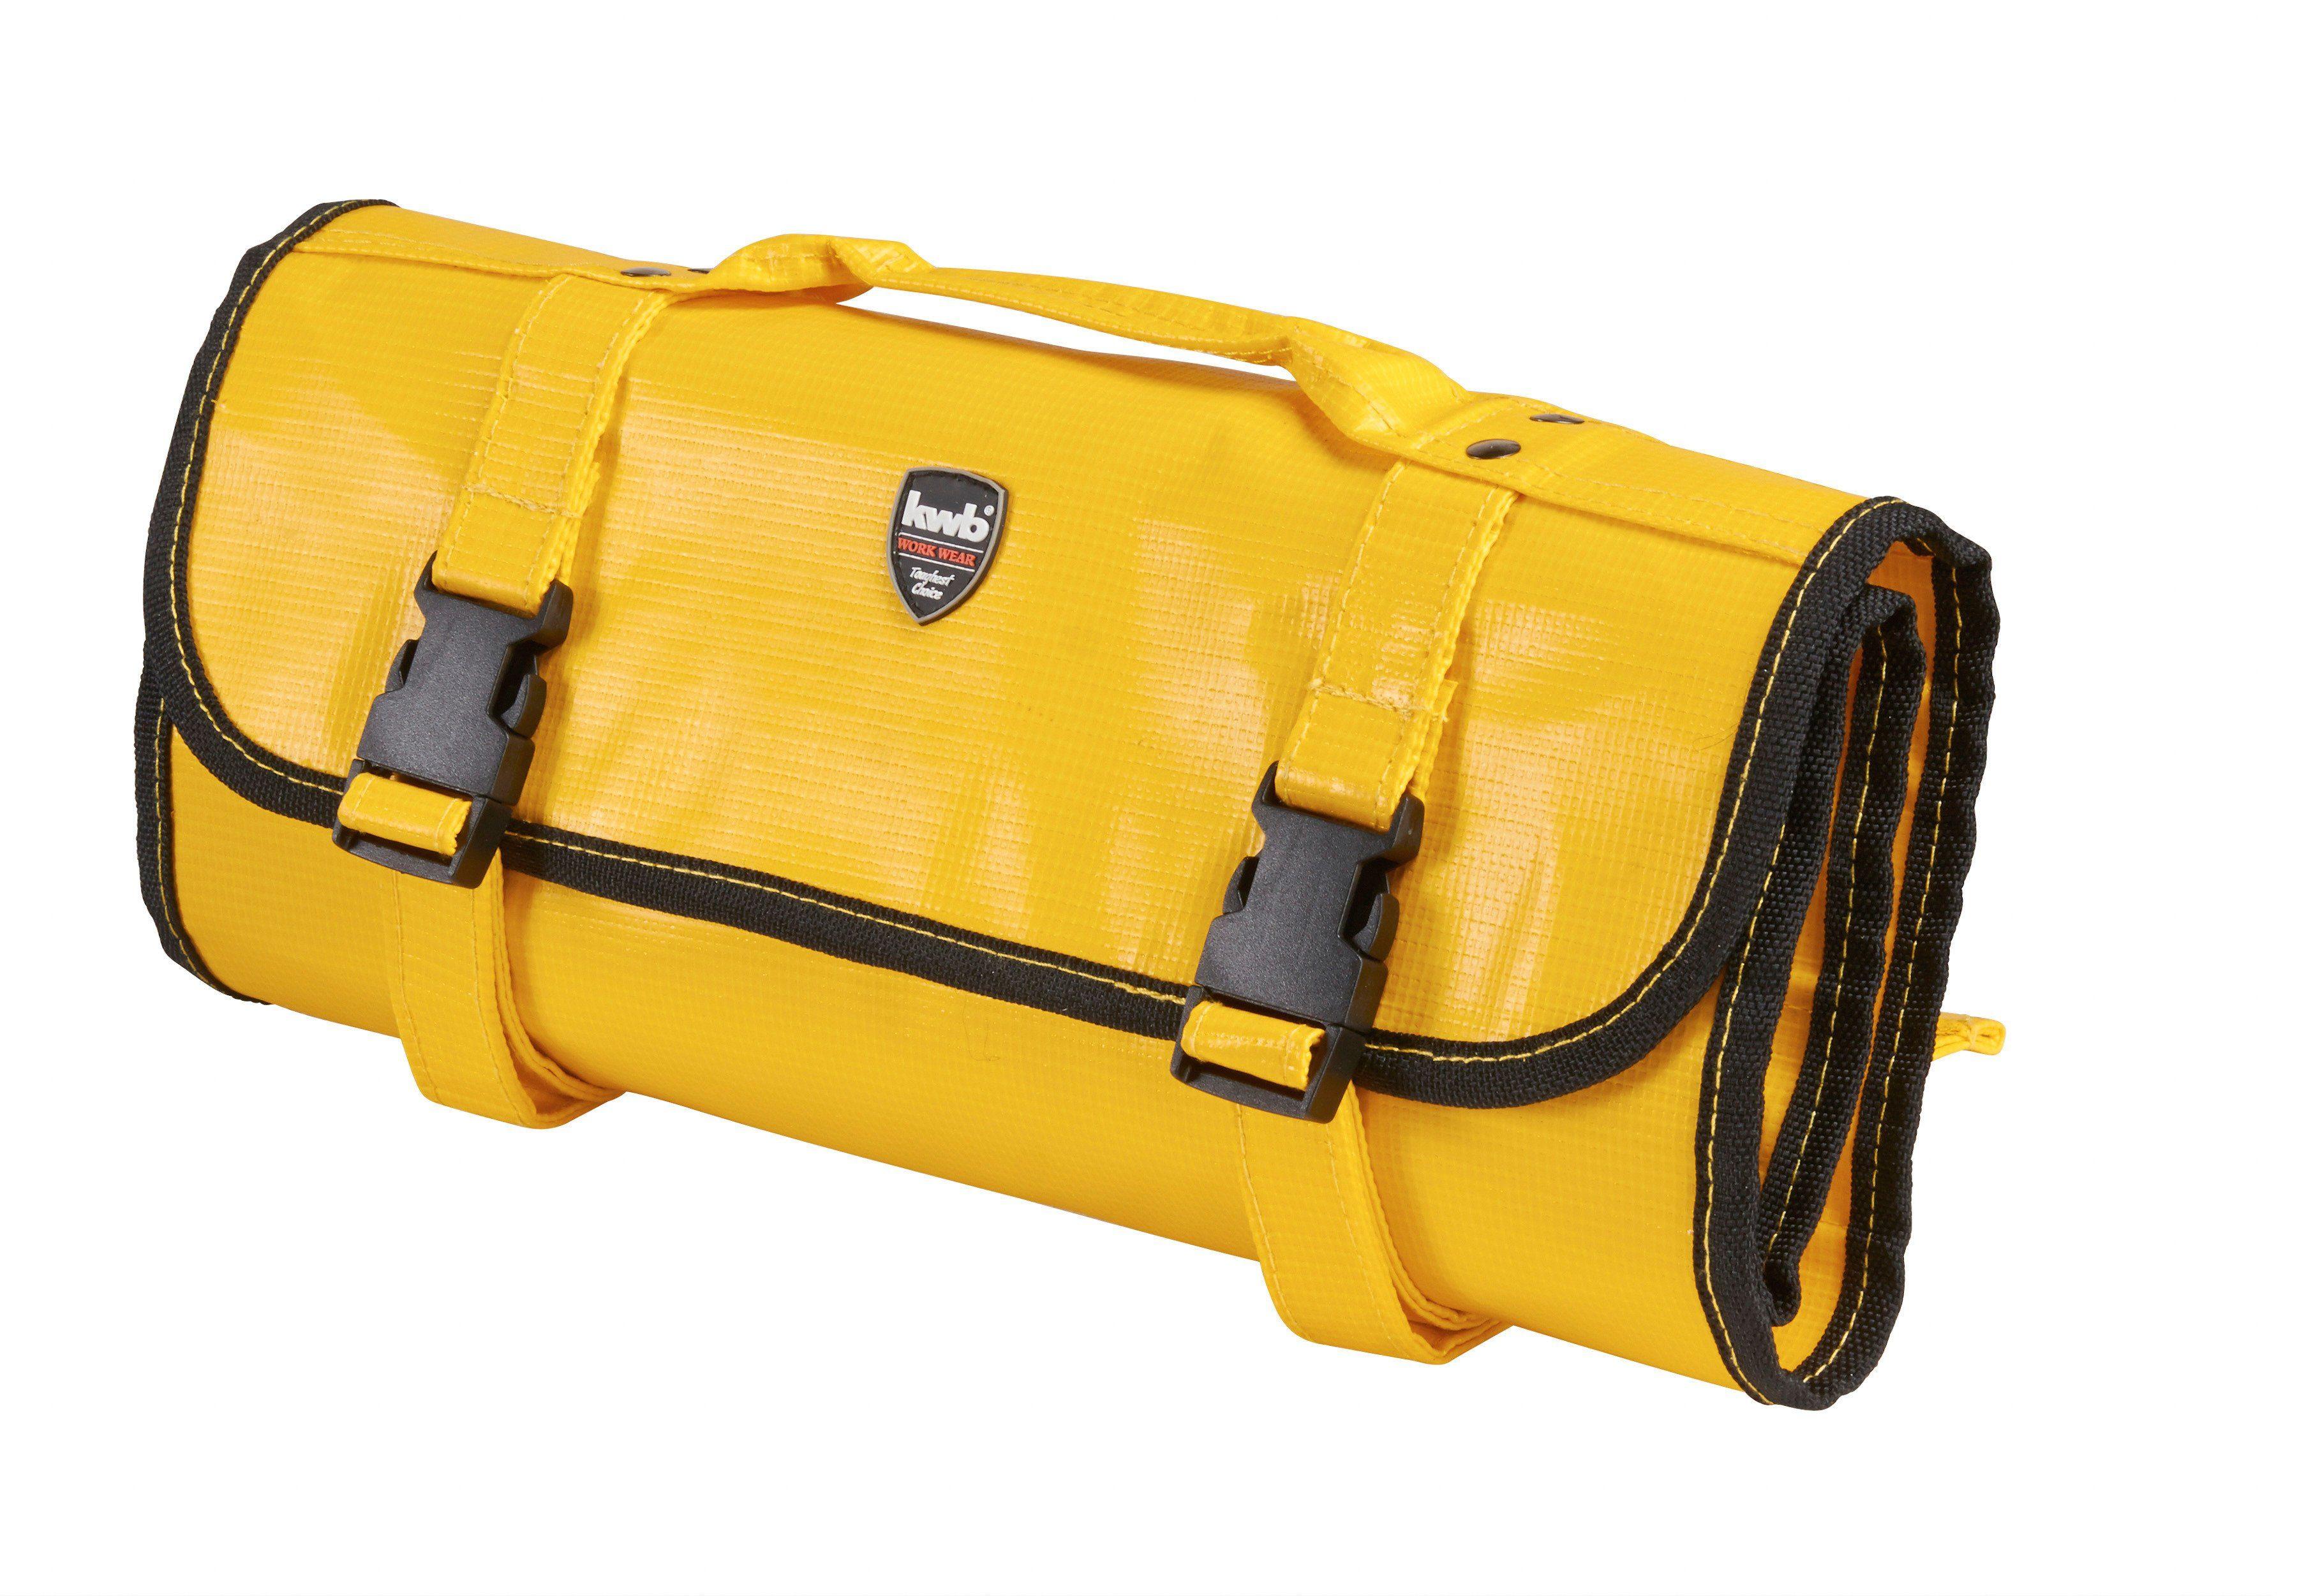 Textil-Werkzeugtasche